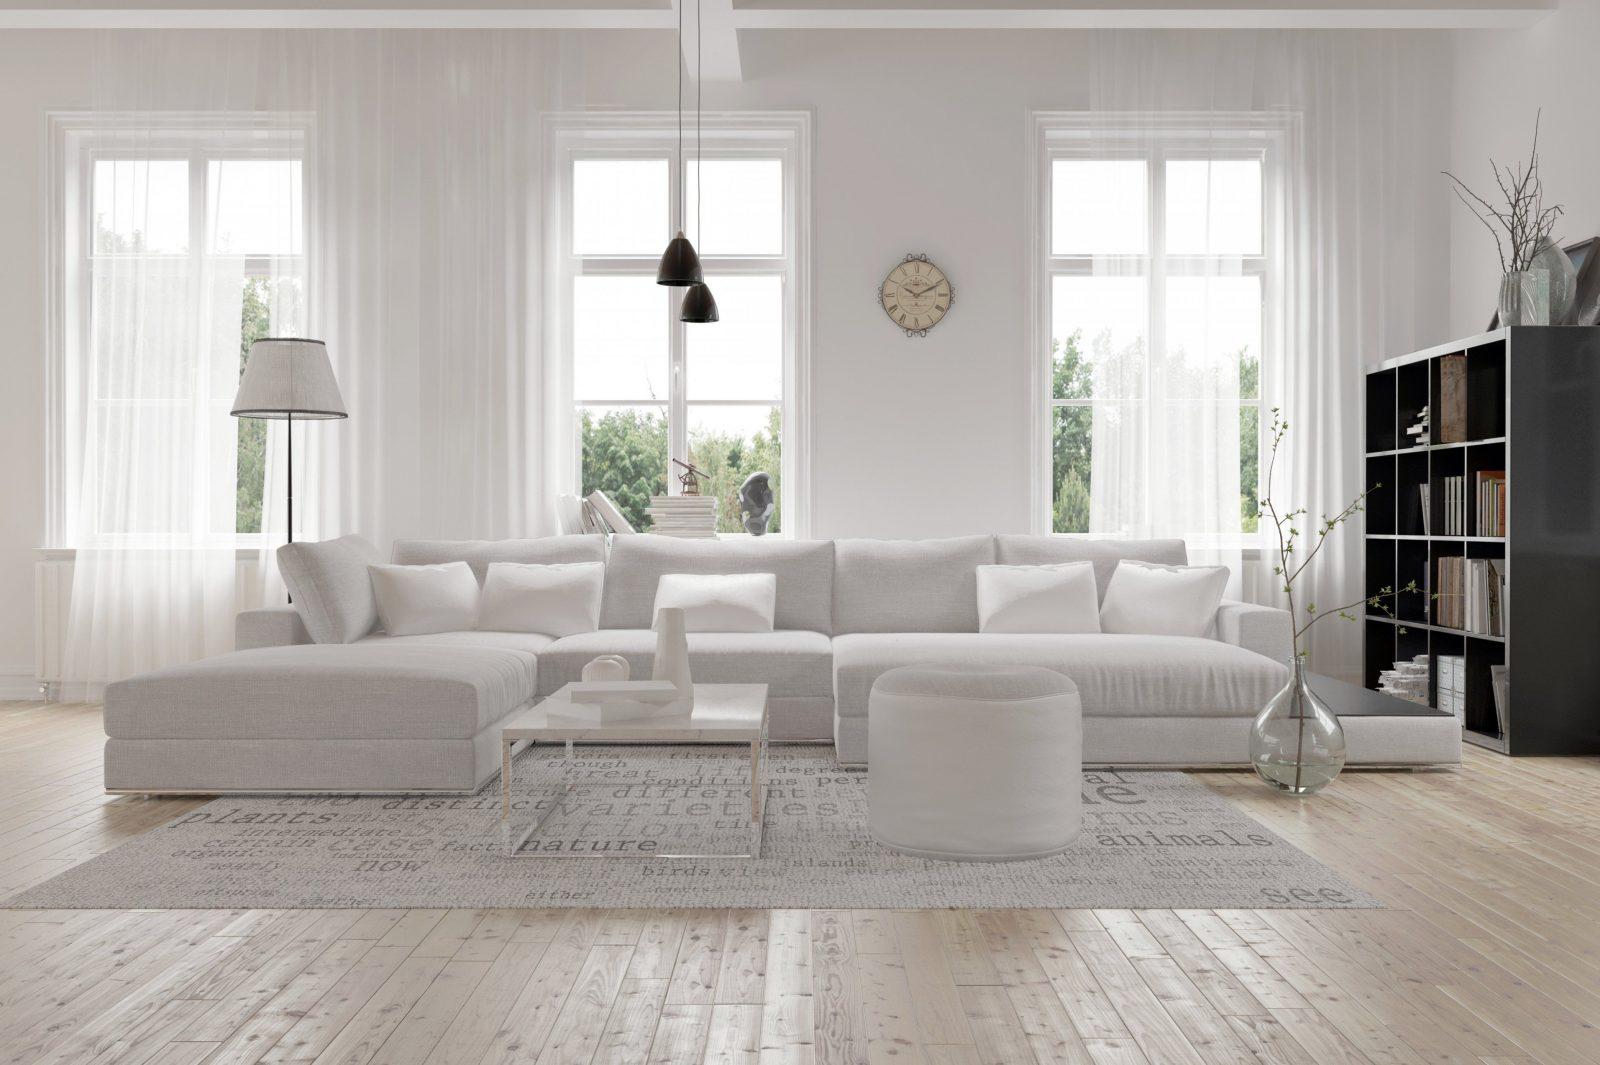 Weiße Möbel Kombinieren Mit Diesen 5 Ideen Klappt's von Wandfarbe Zu Weißen Möbeln Photo